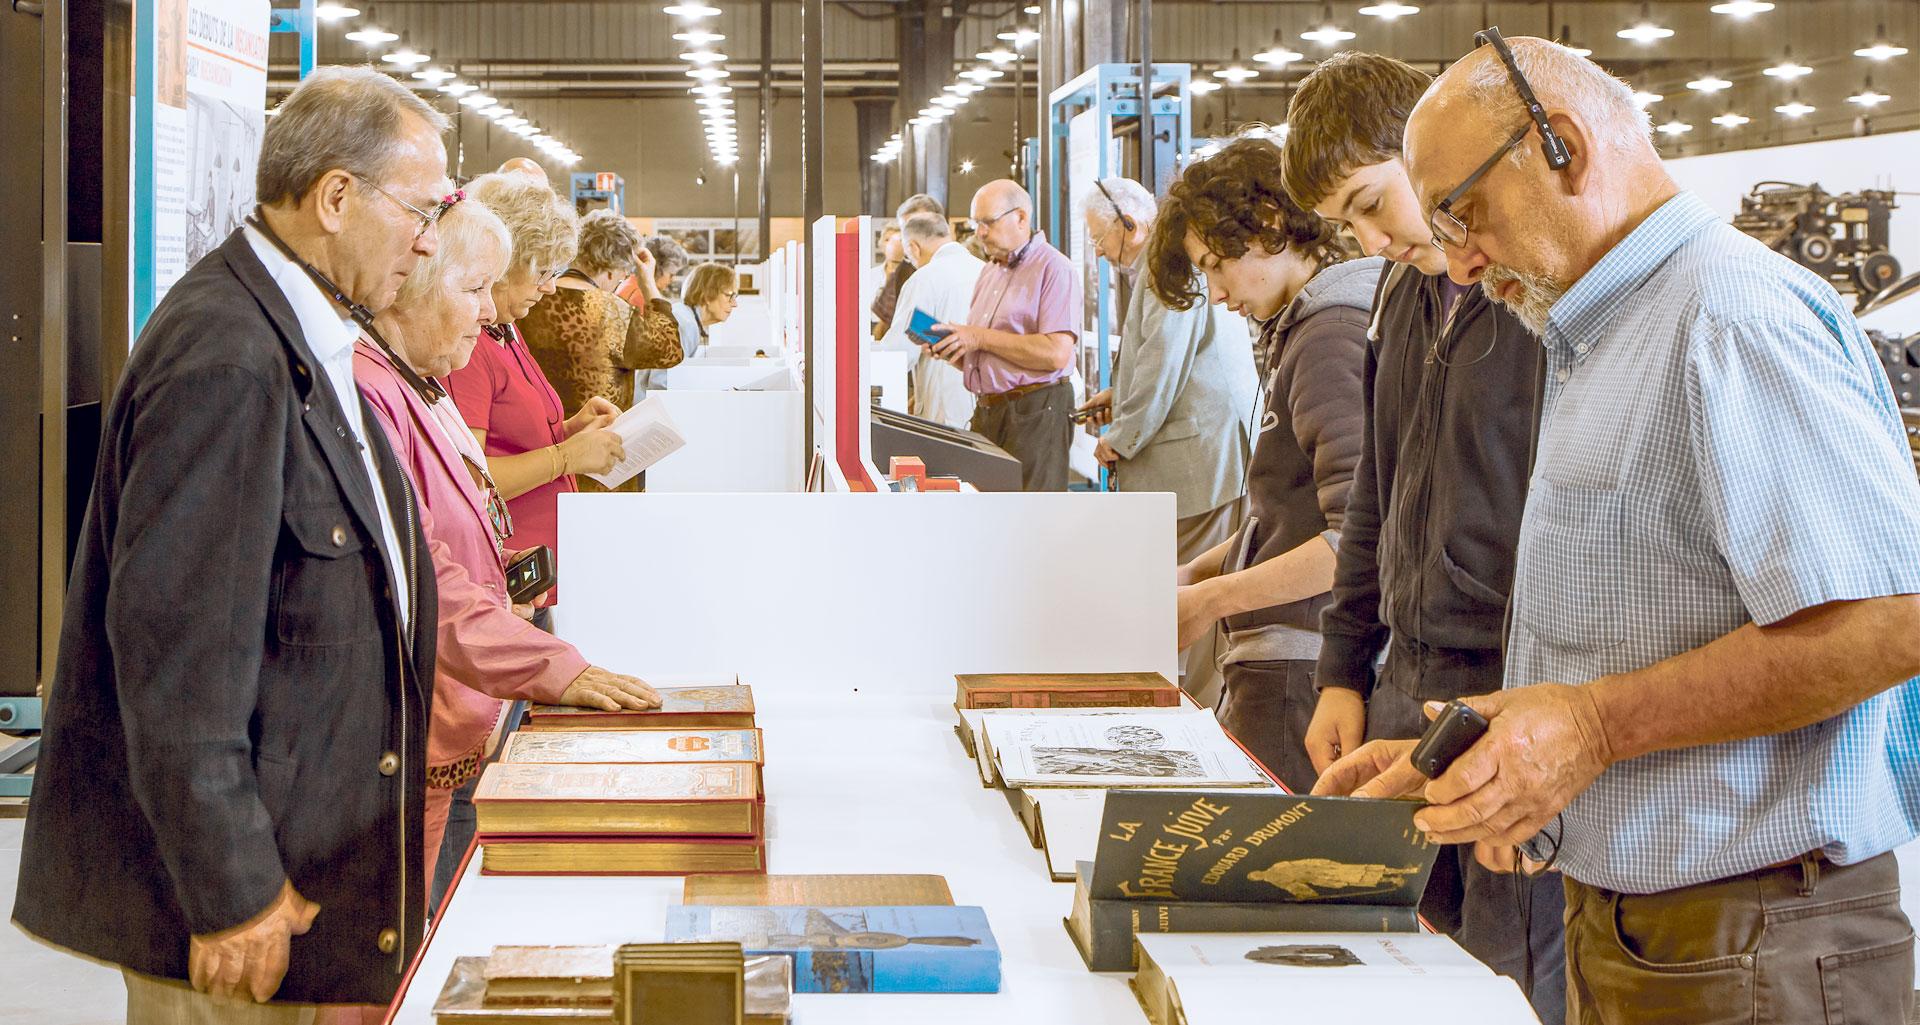 Atelier Musée de l'Imprimerie - Le Livre - Triomphe de l'écrit